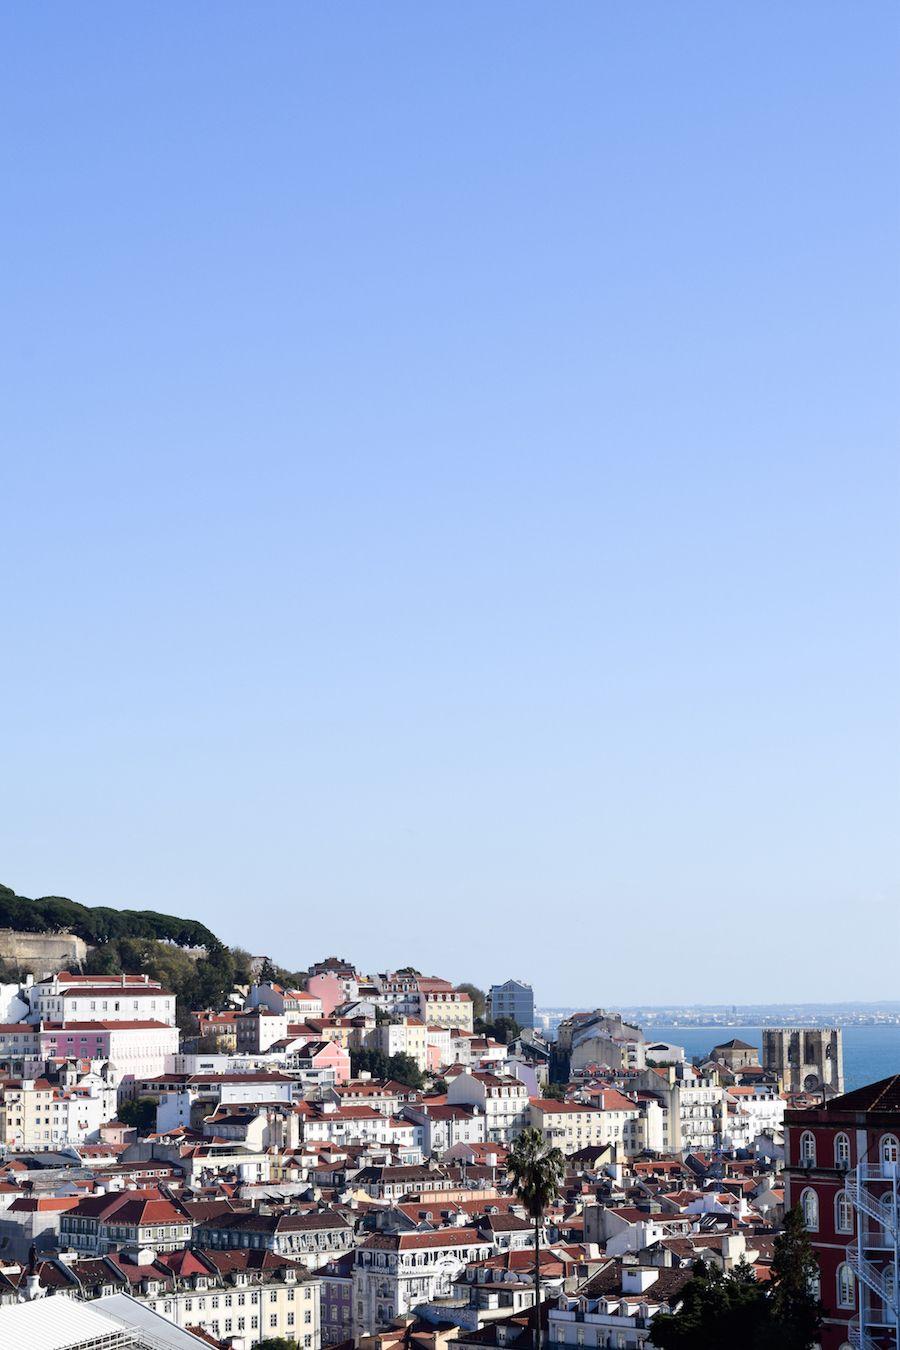 Miradouro de São Pedro de Alcântara : A beautiful look-out spot in Lisbon Portugal, you must go!